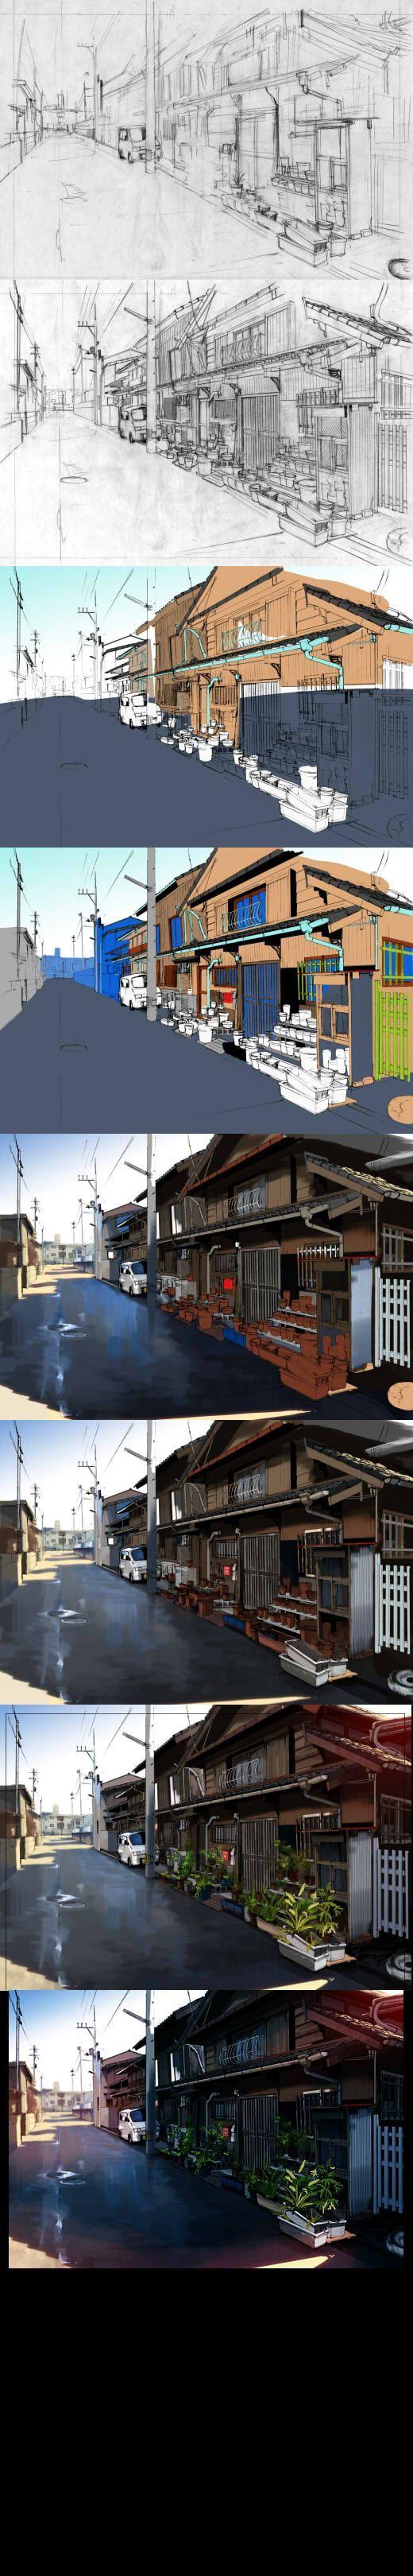 日本乡村场景绘制过程-FlyT漫画教程: